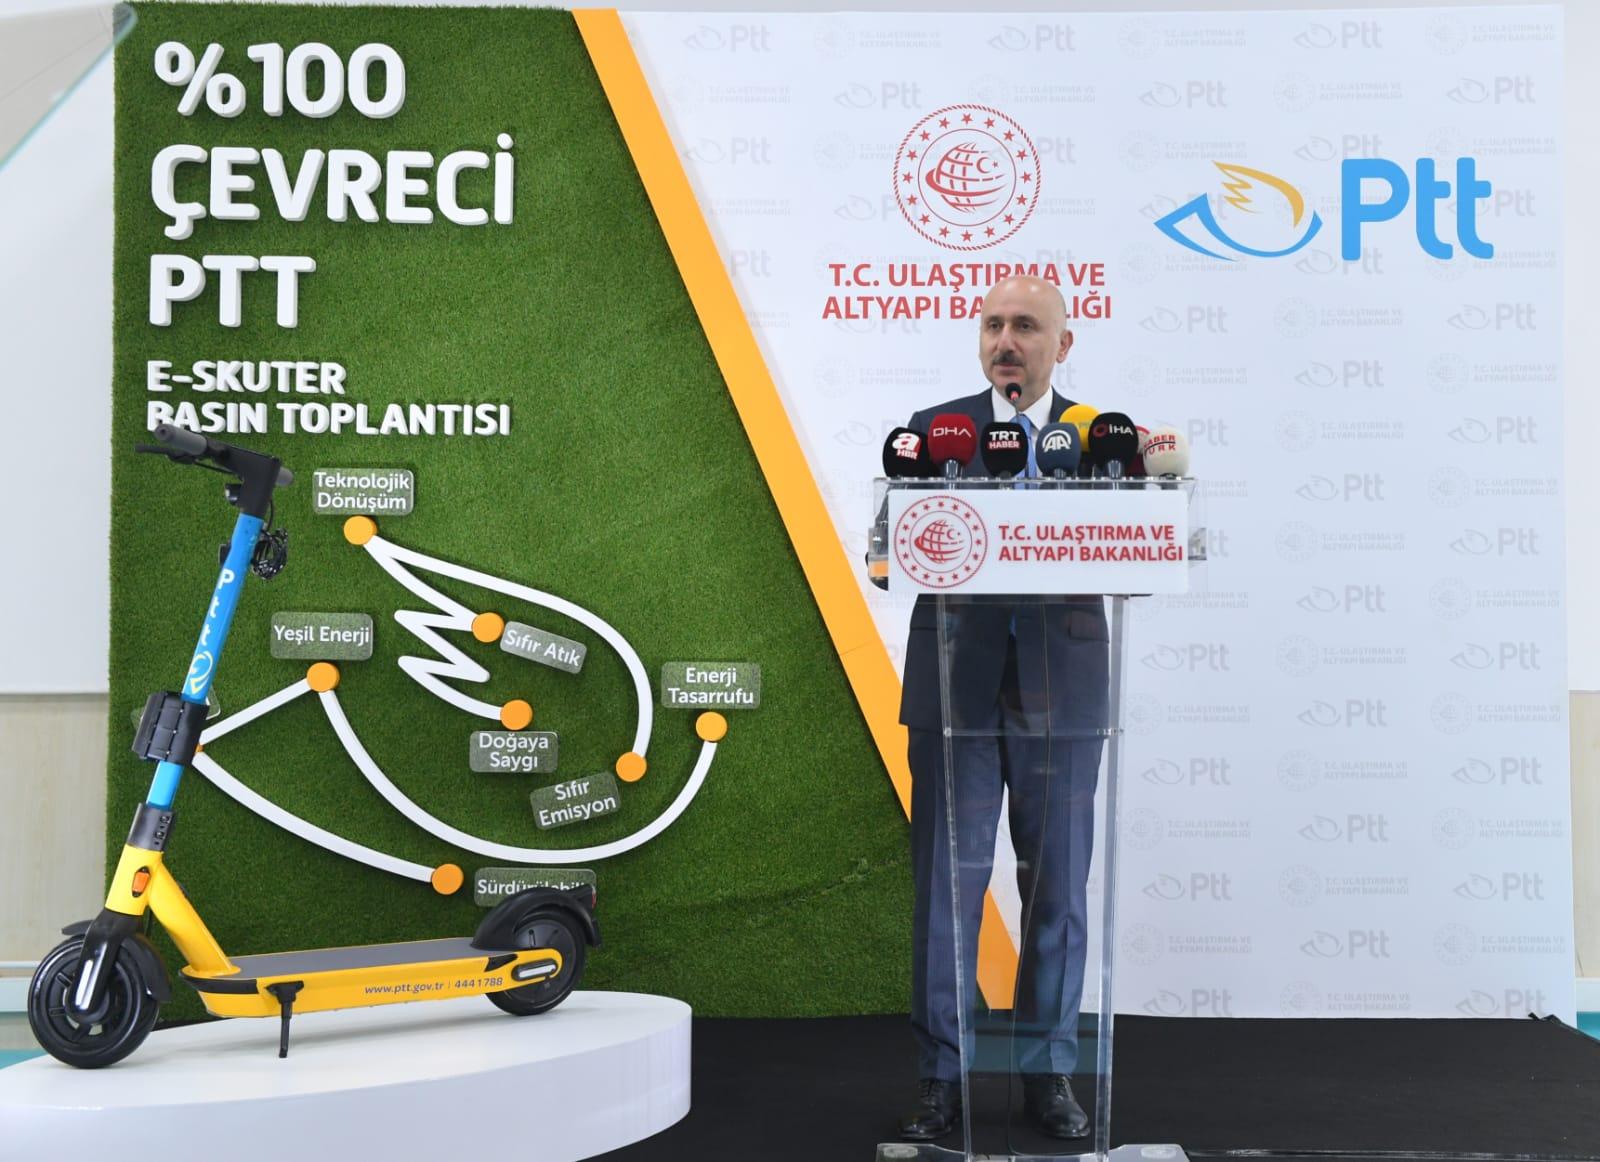 E-SKUTER, ARTIK PTT DAĞITIM HİZMETLERİNDE KULLANILACAK